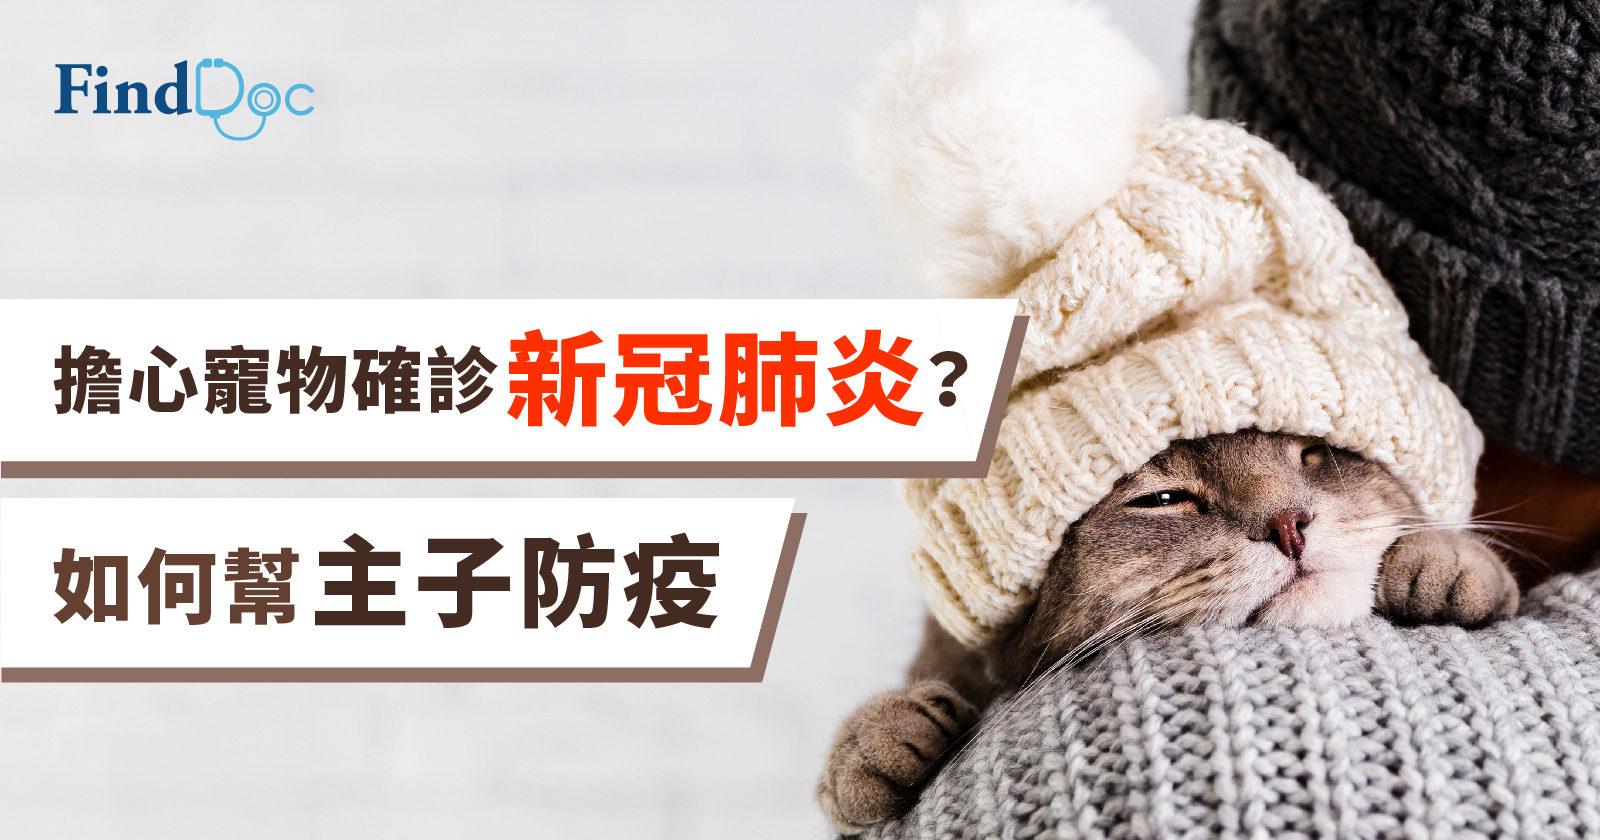 擔心寵物確診新冠肺炎? 如何幫主子防疫